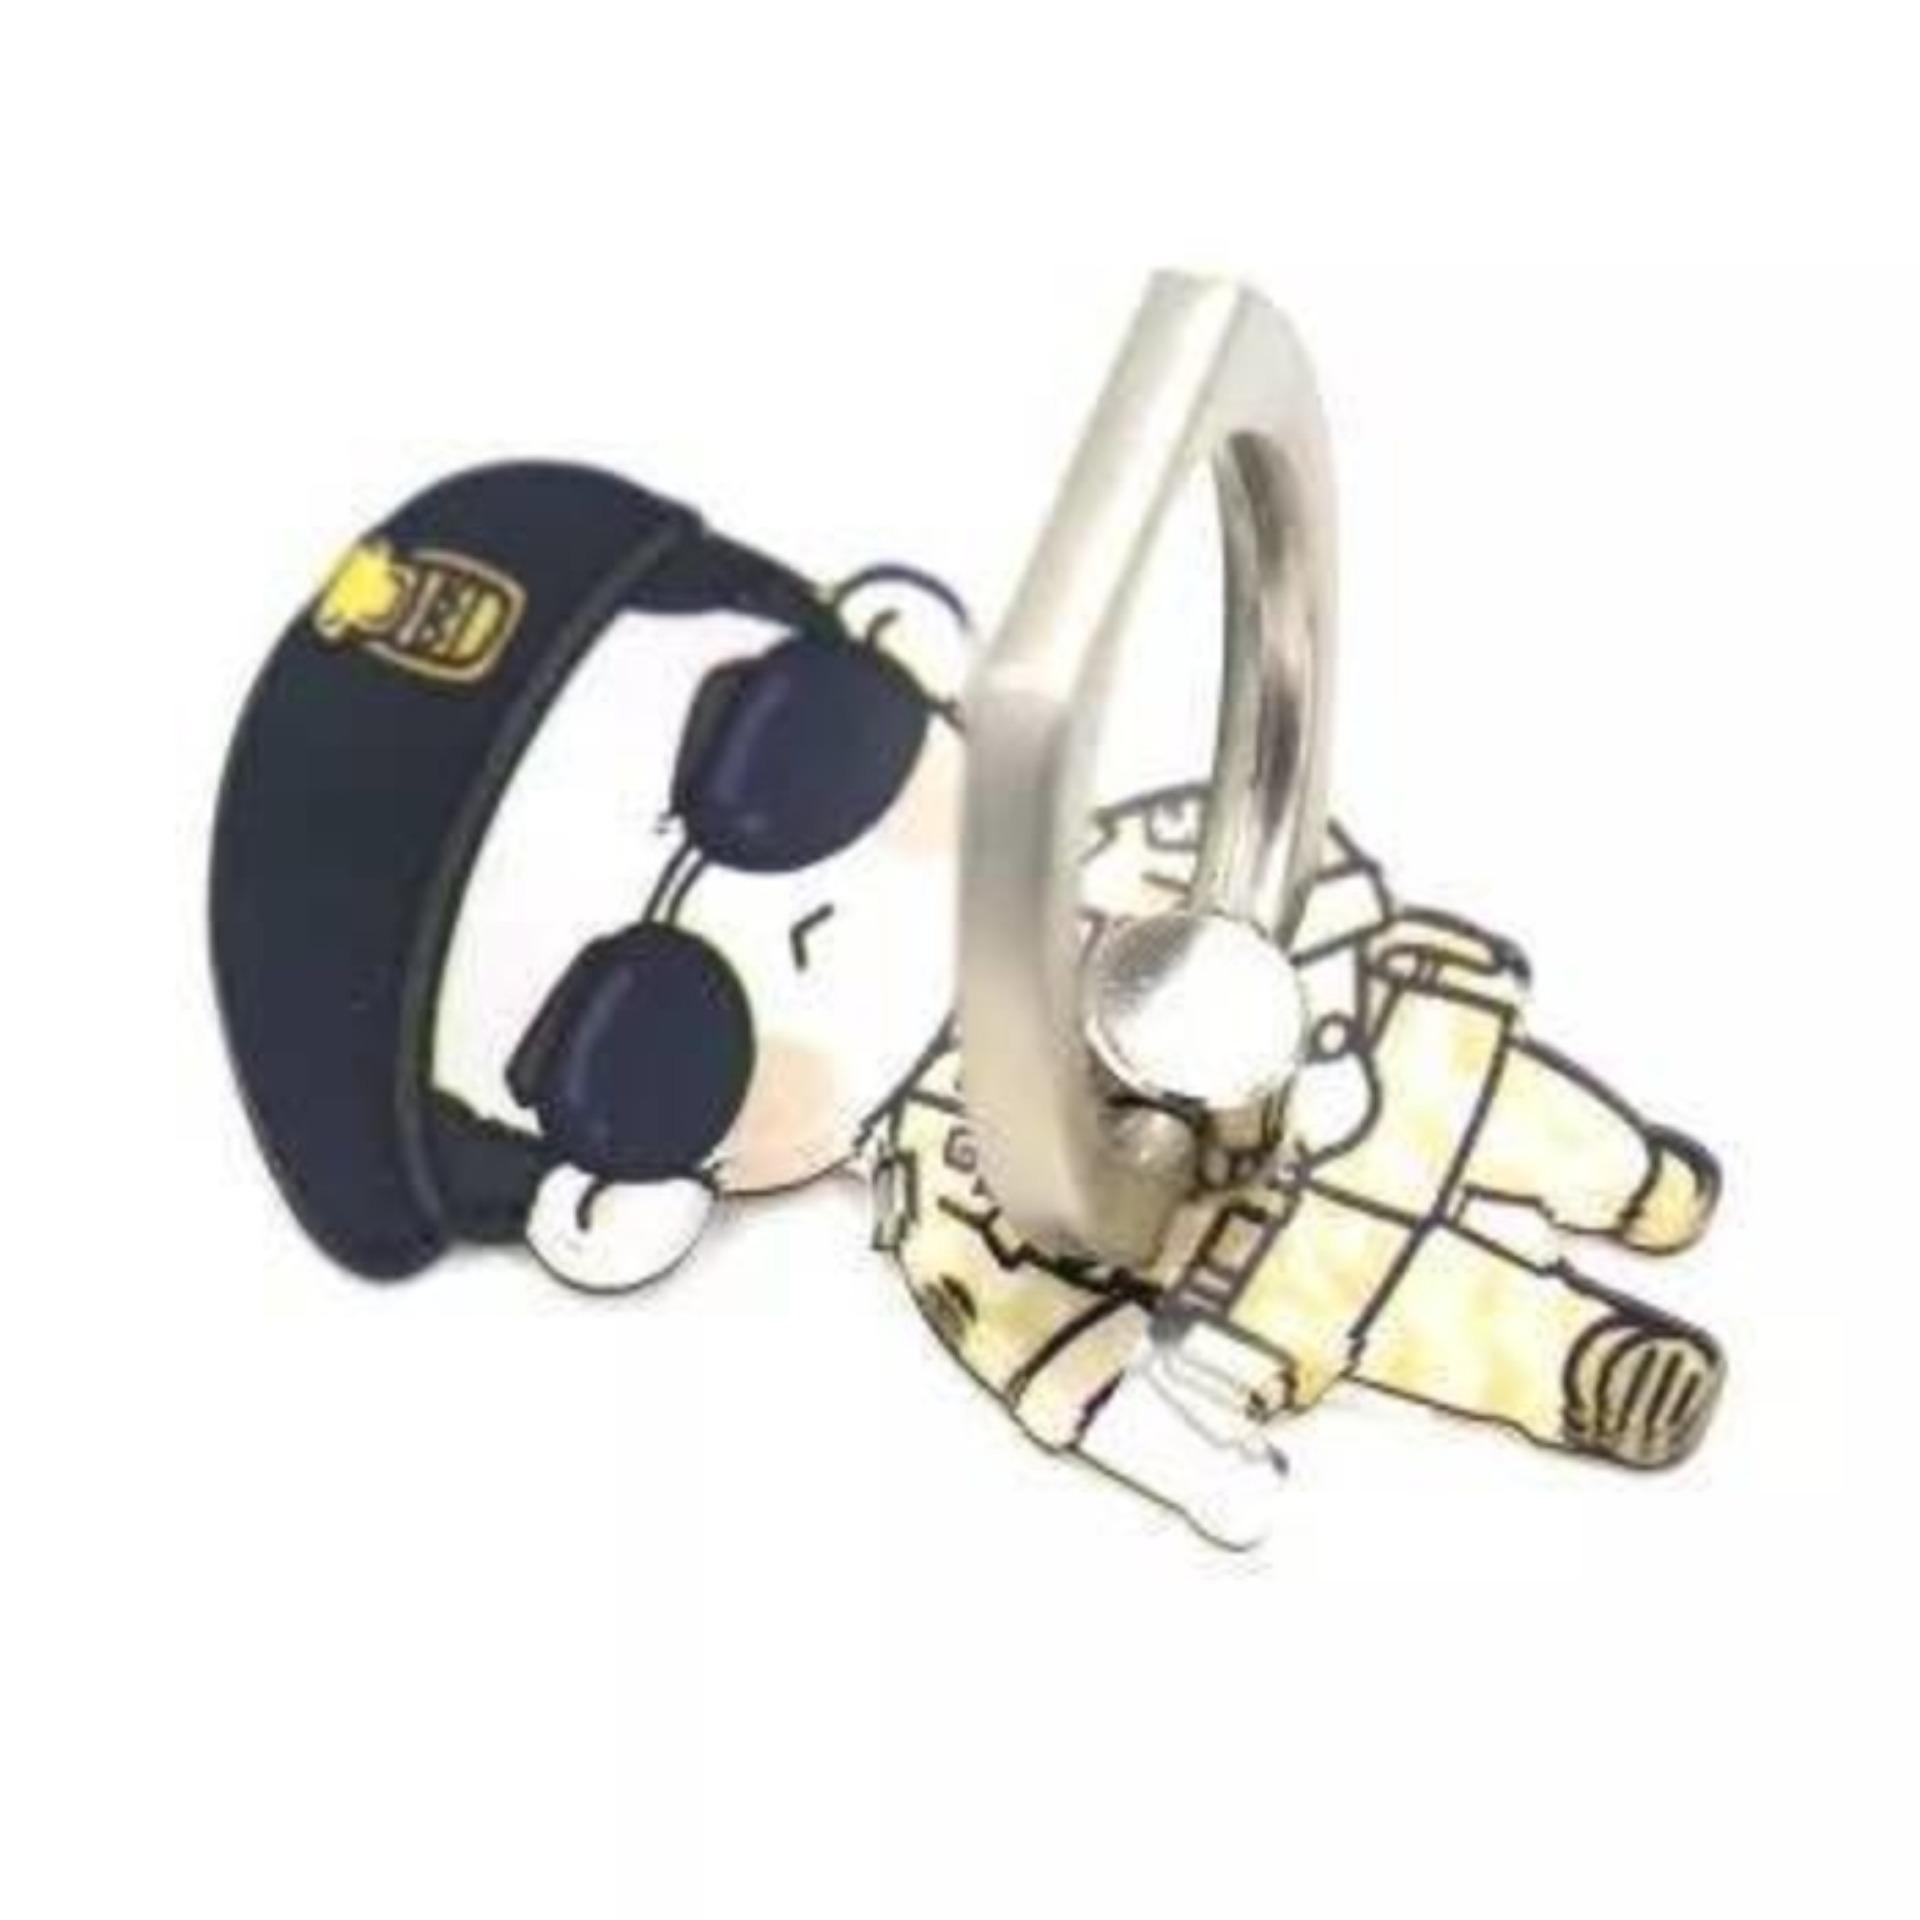 Iring Ring Stand Ring Stent Karakter - 3 .